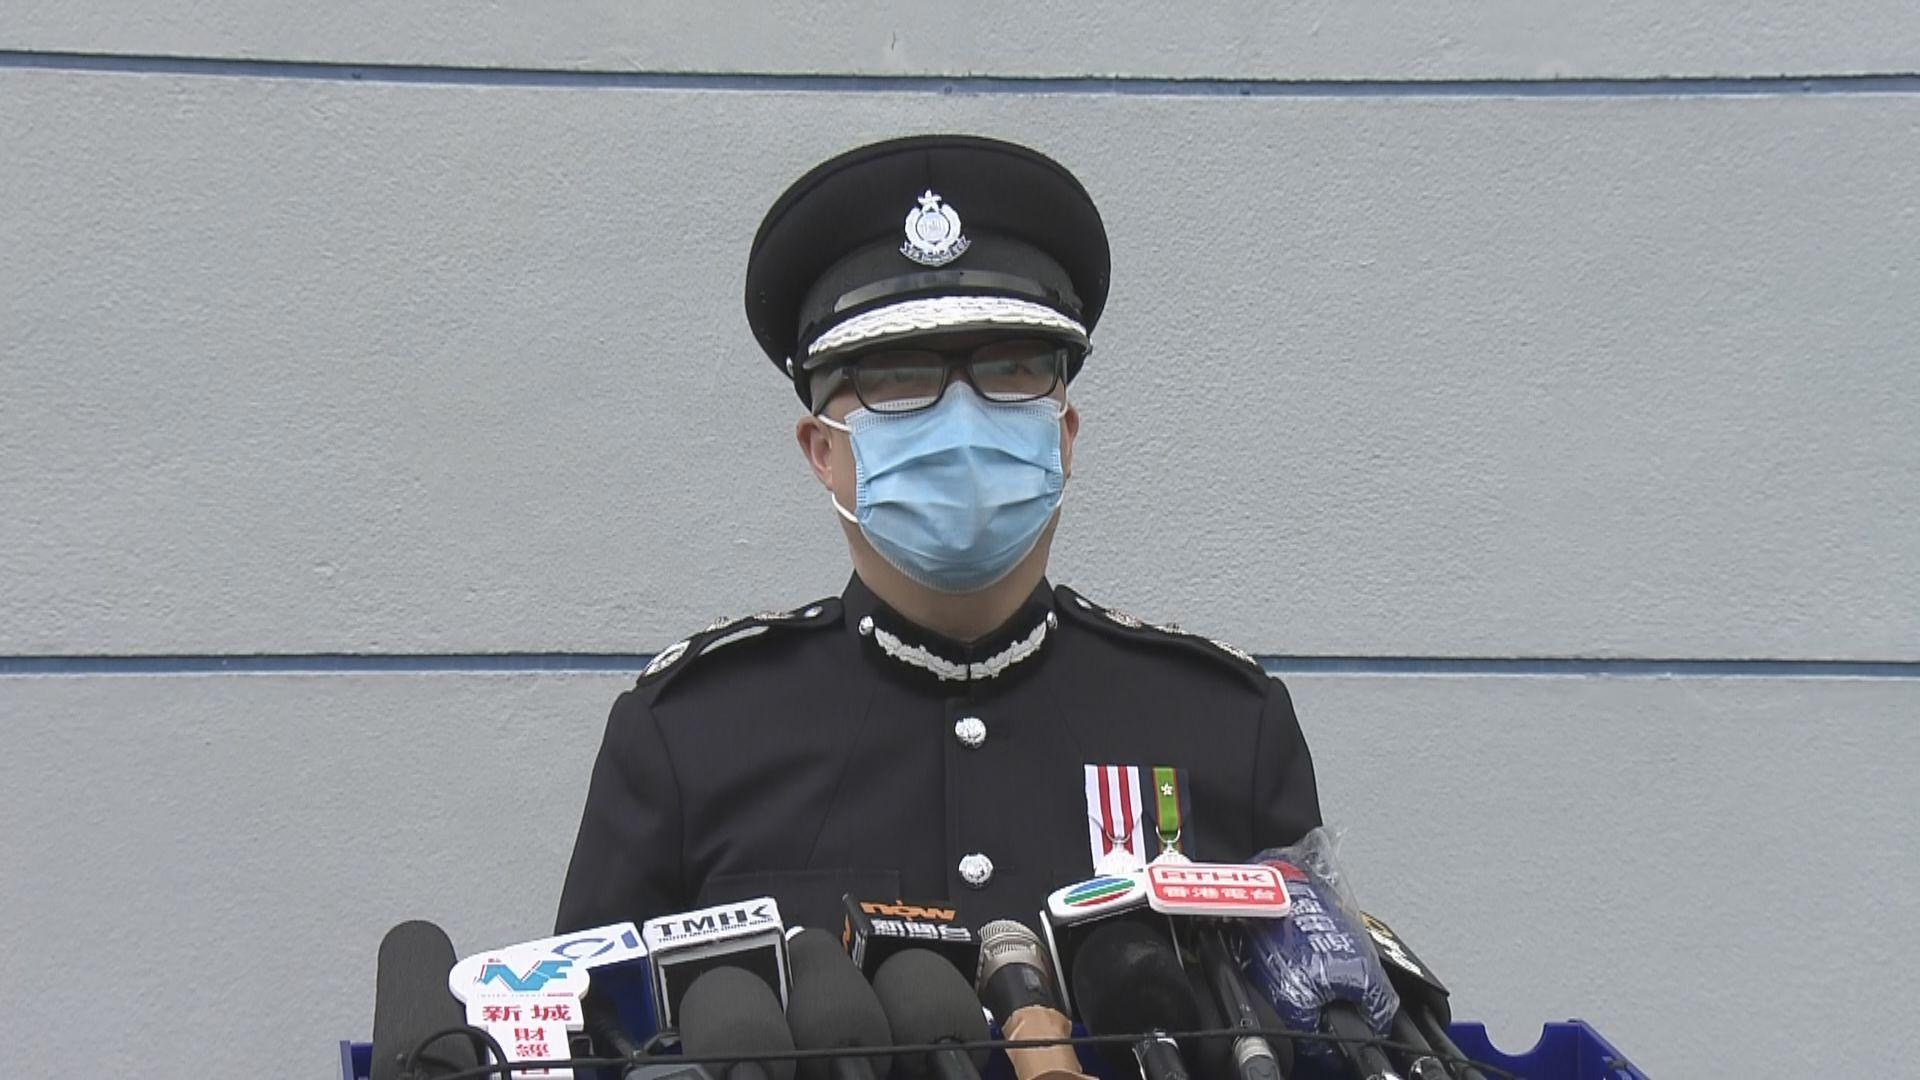 高院裁定警員不展示編號違法 鄧炳強稱會上訴